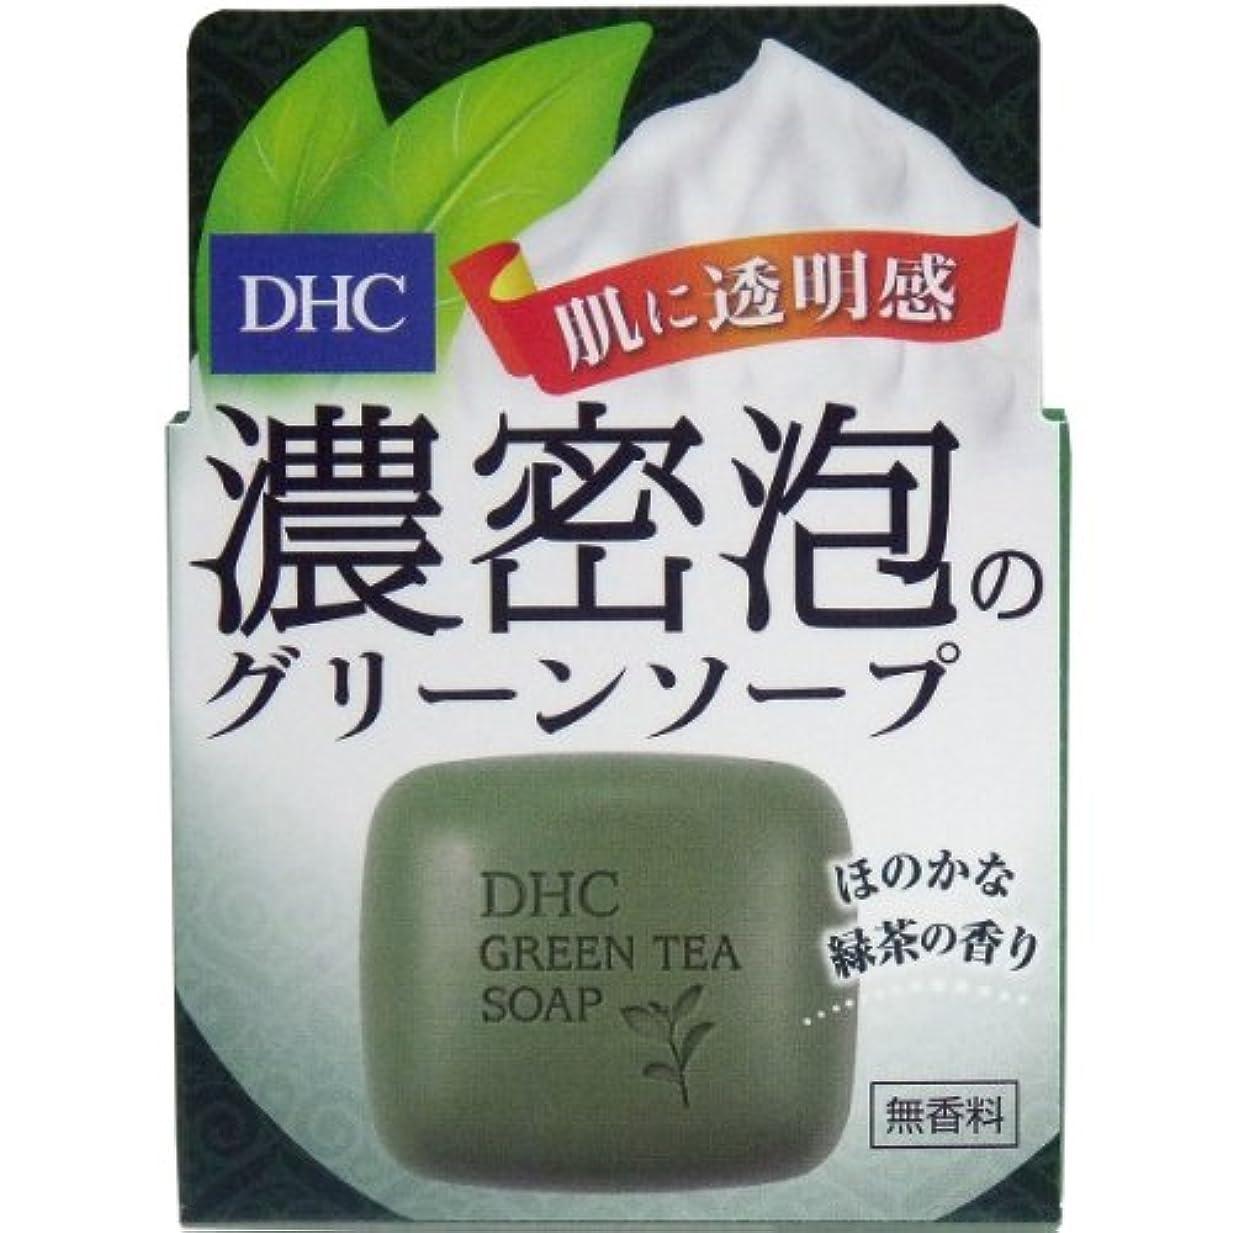 楕円形キャロライン贈り物豊かな泡立ちと、クリアな洗い上がりが自慢!DHC グリーンソープ <石鹸> 60g